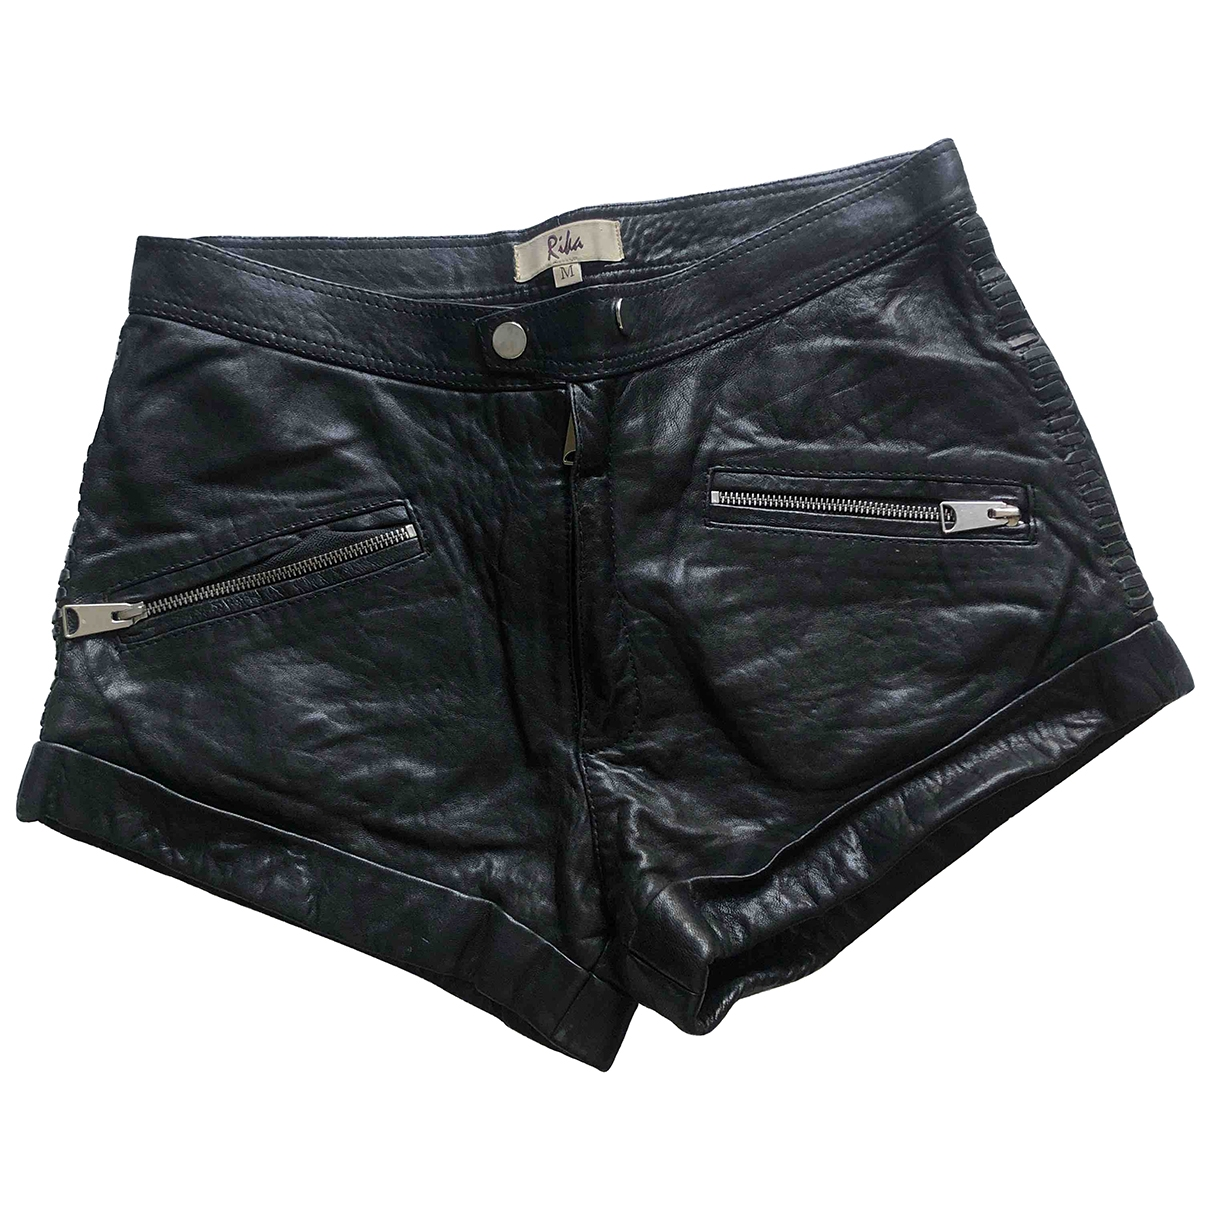 Rika - Short   pour femme en cuir - noir